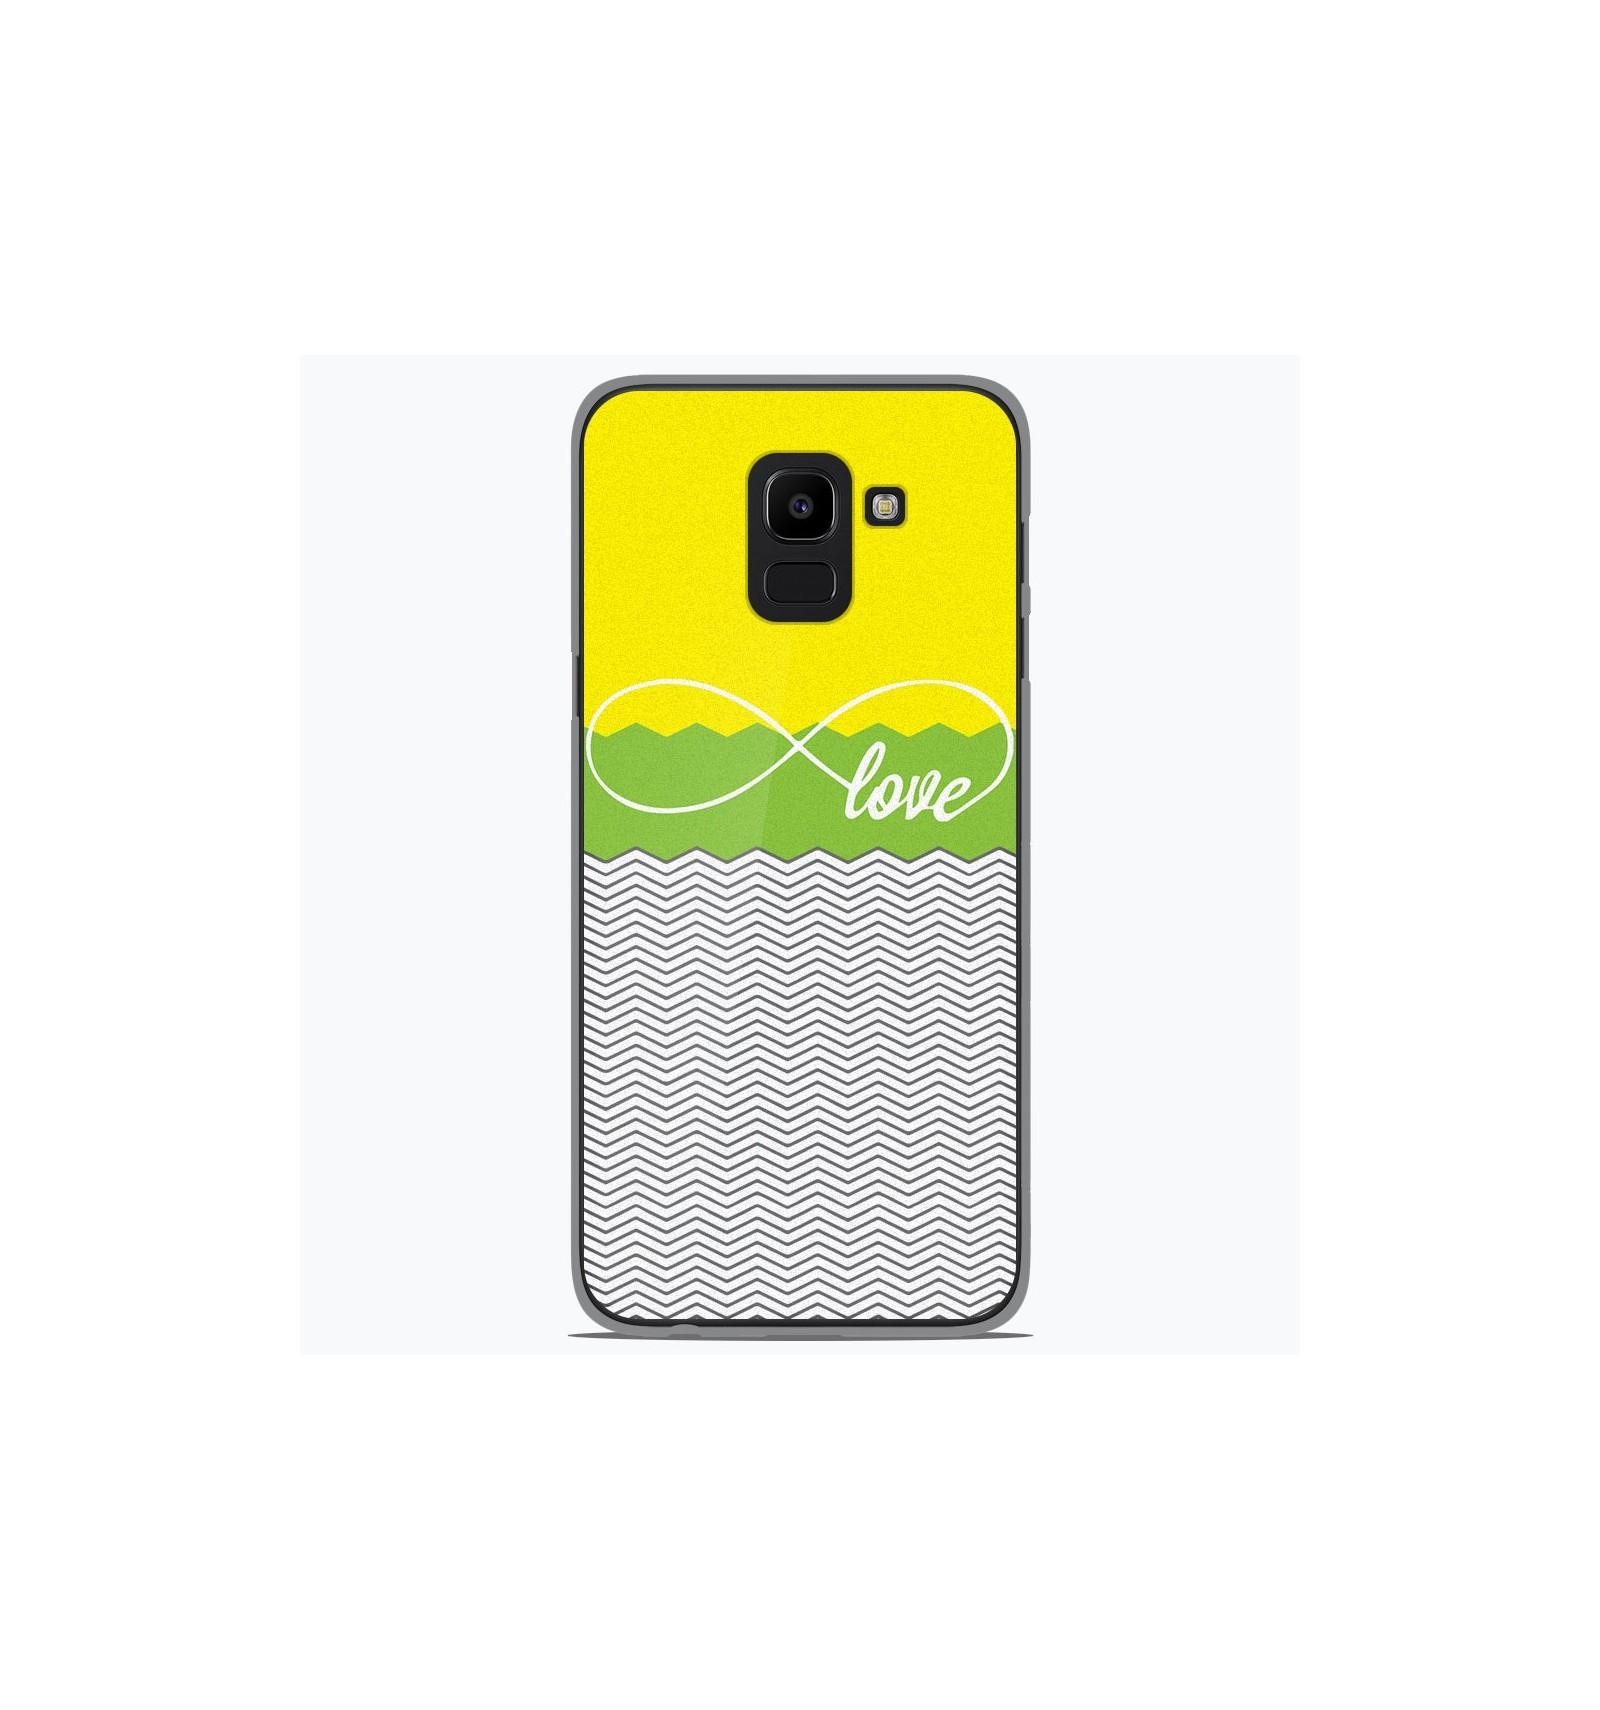 Coque Samsung Galaxy J6 2018Adidas Vert Coque Compatible Samsung Galaxy J6 2018